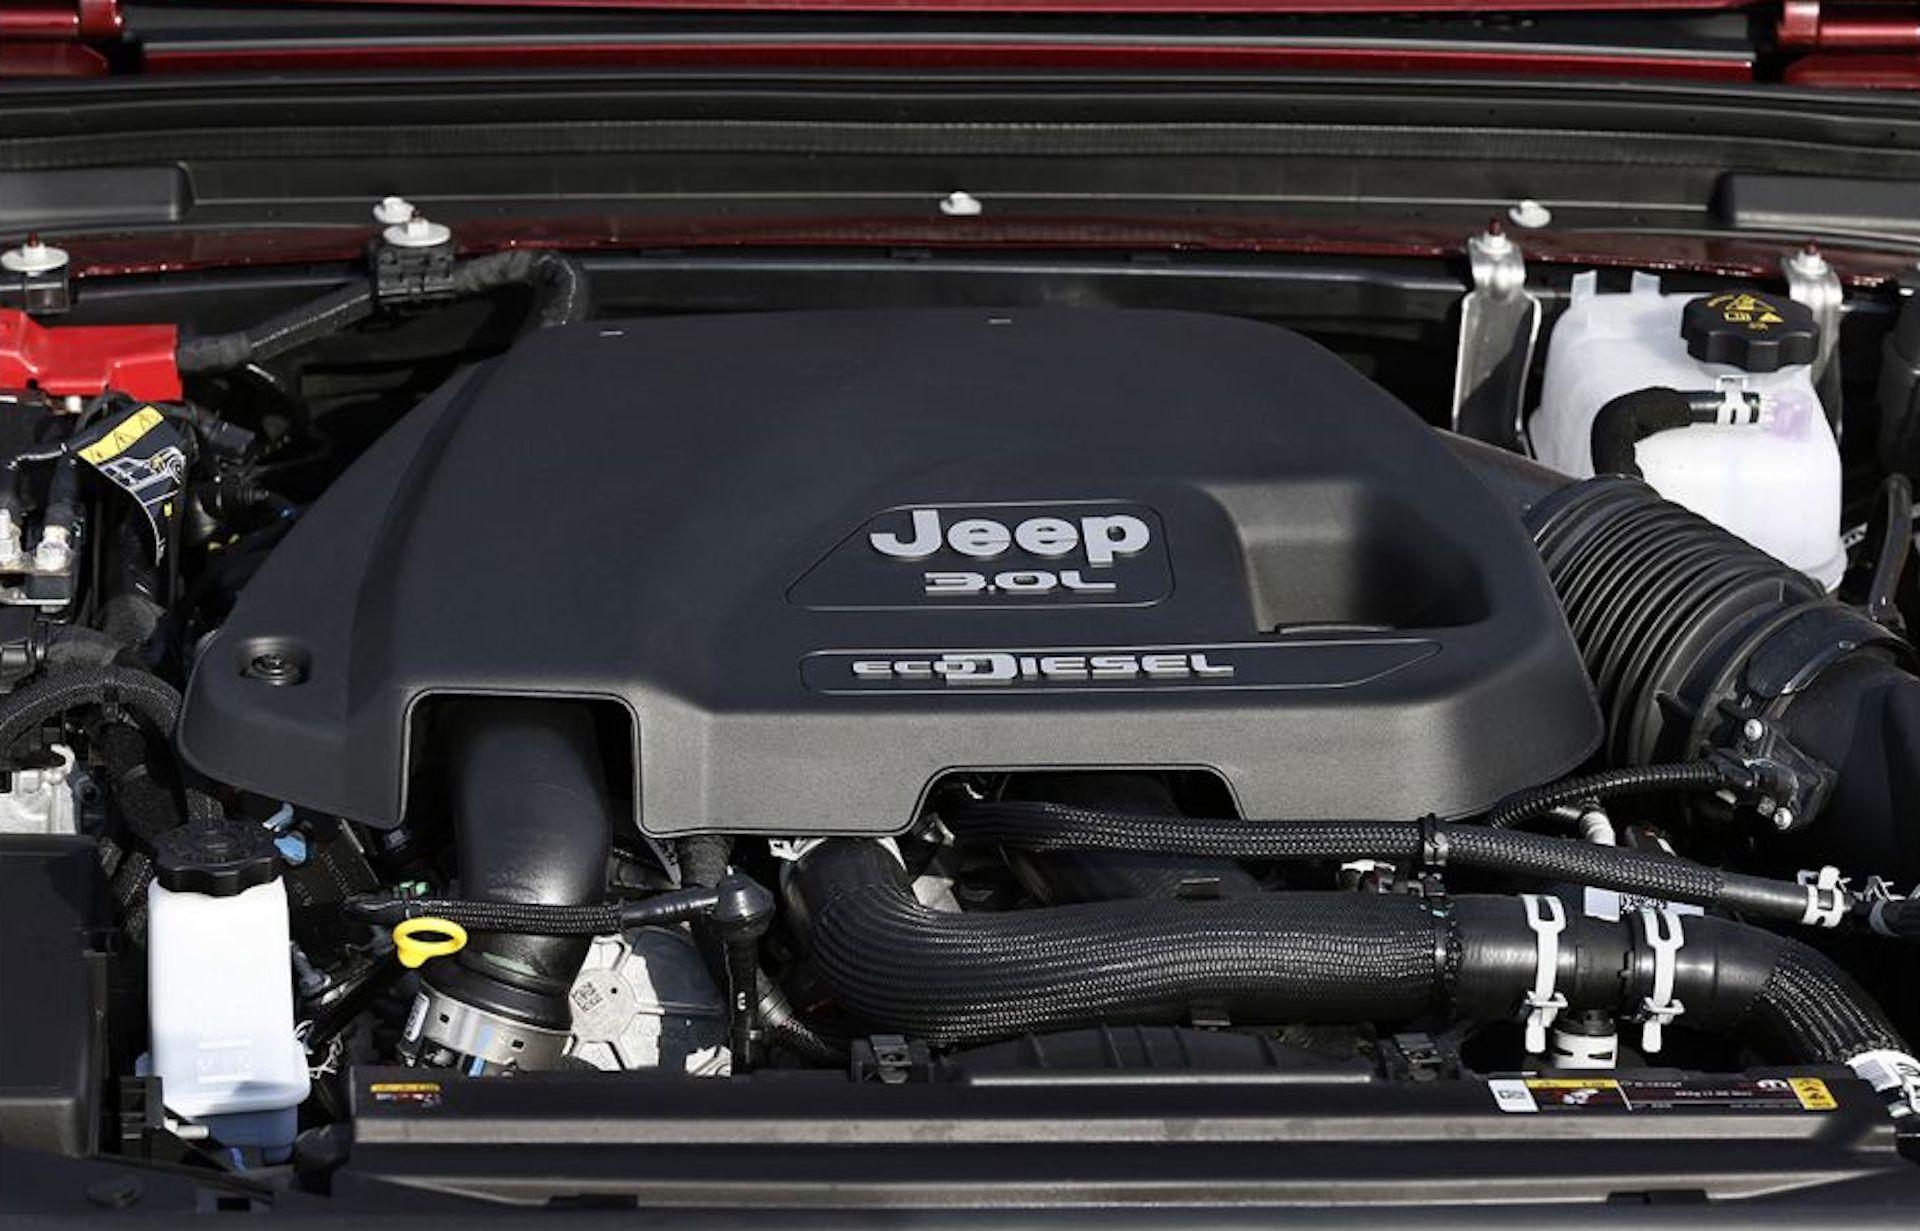 Jeep Gladiator V6 3.0 diesel